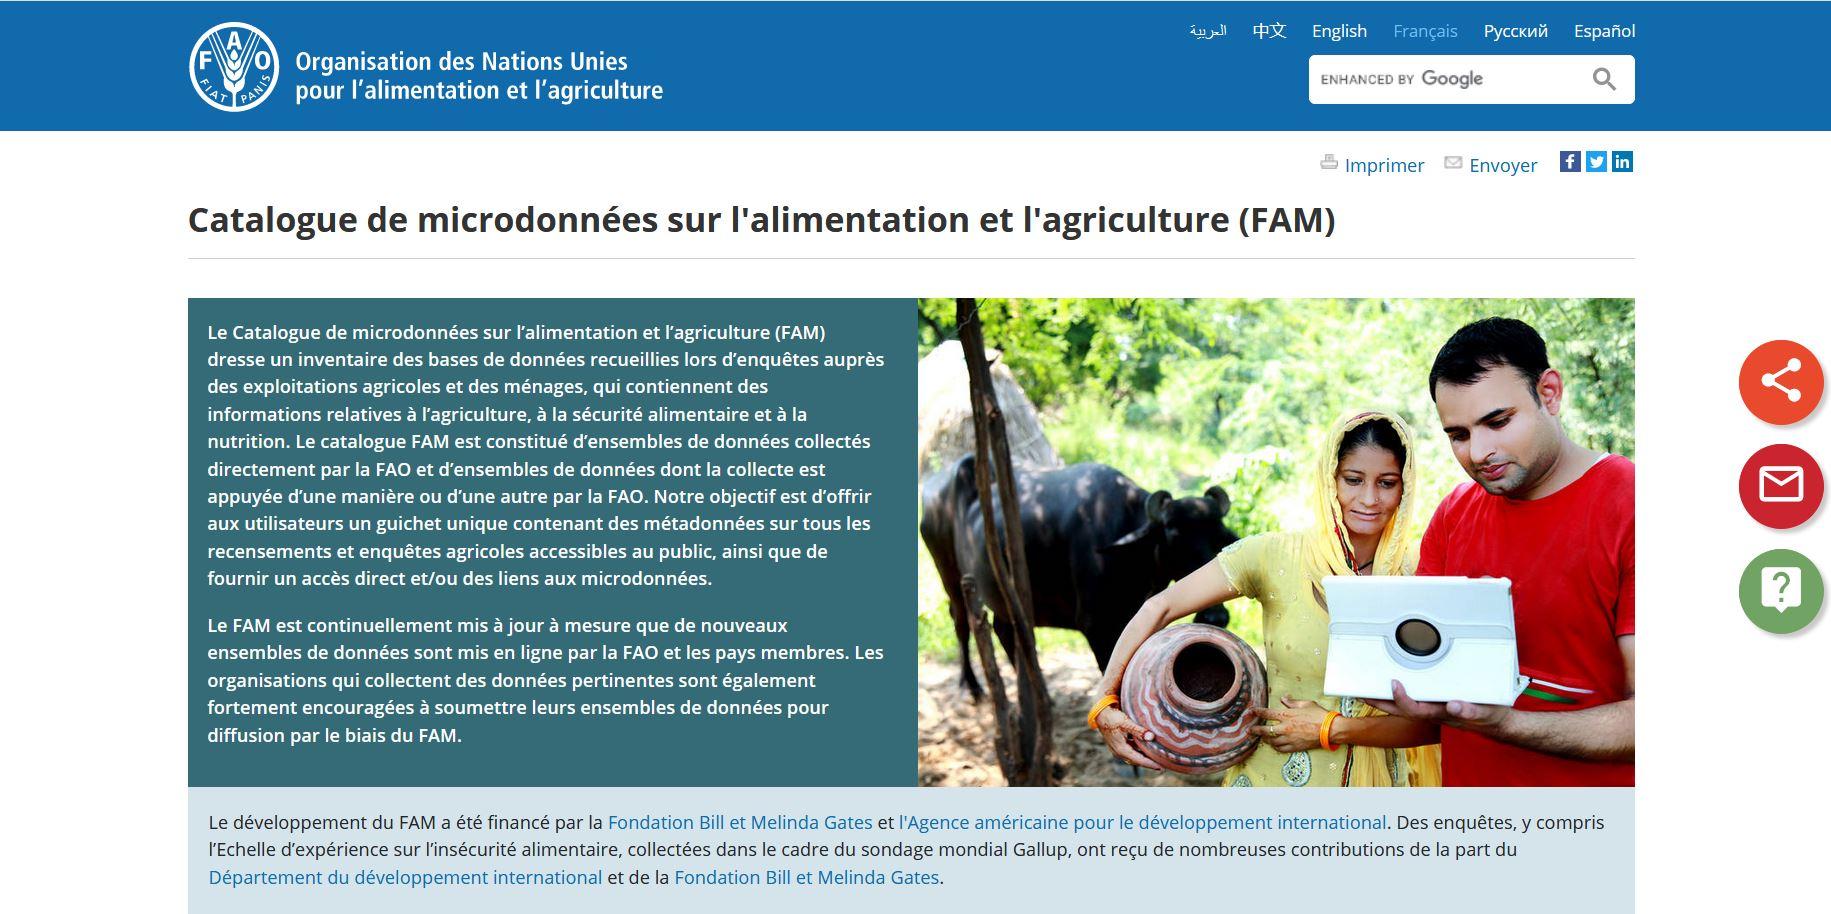 Catalogue - Microdonnées sur l'alimentation et l'agriculture